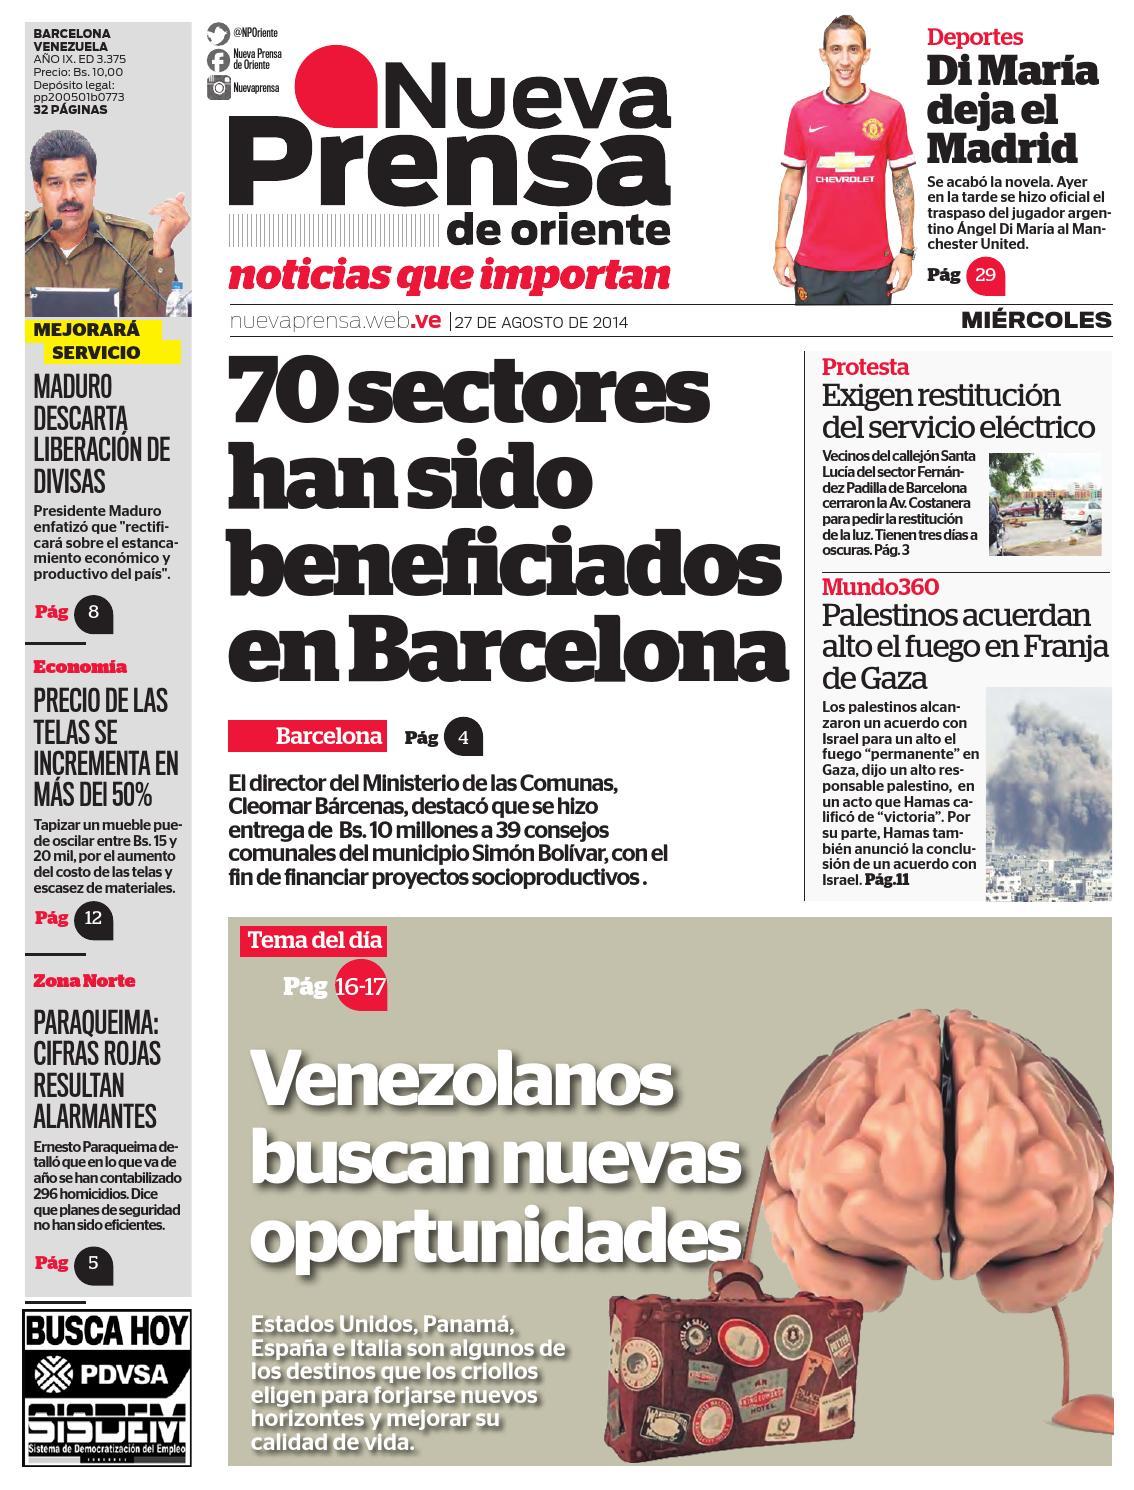 27 DE AGOSTO DE 2014 by Nueva Prensa de Oriente - issuu